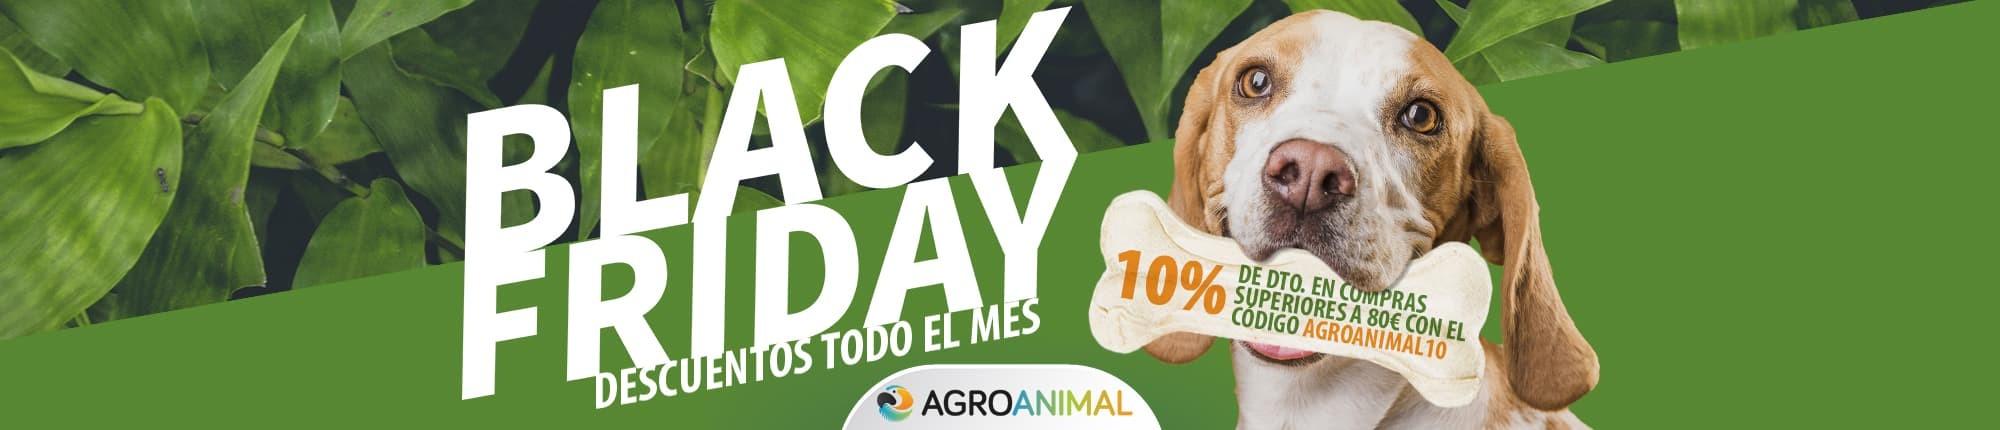 Disfruta de 10% de descuento con Agroanimal